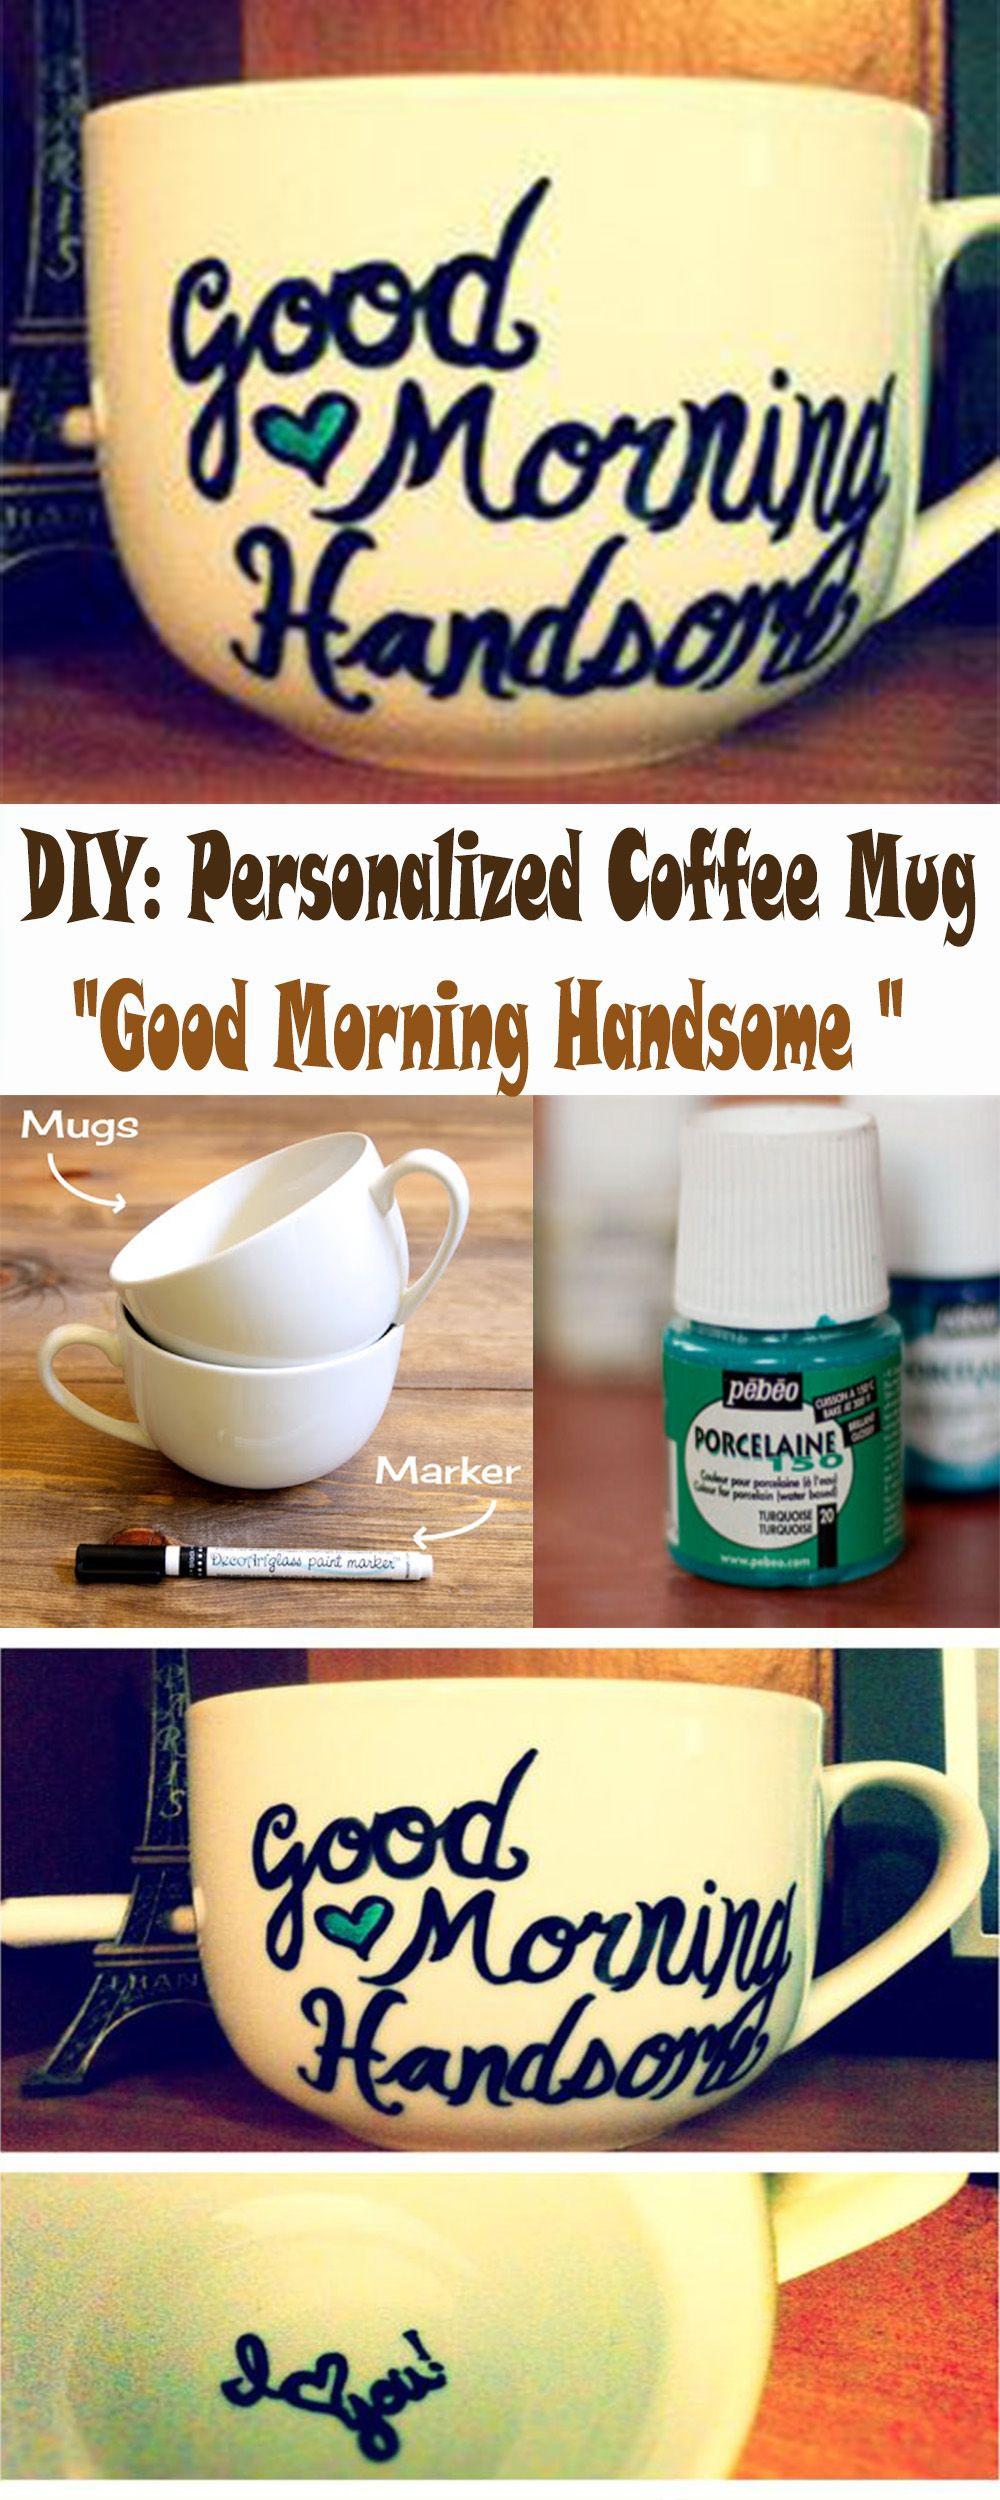 Cute Sentimental Gift Ideas For Boyfriend  DIY Personalized Coffee Mug